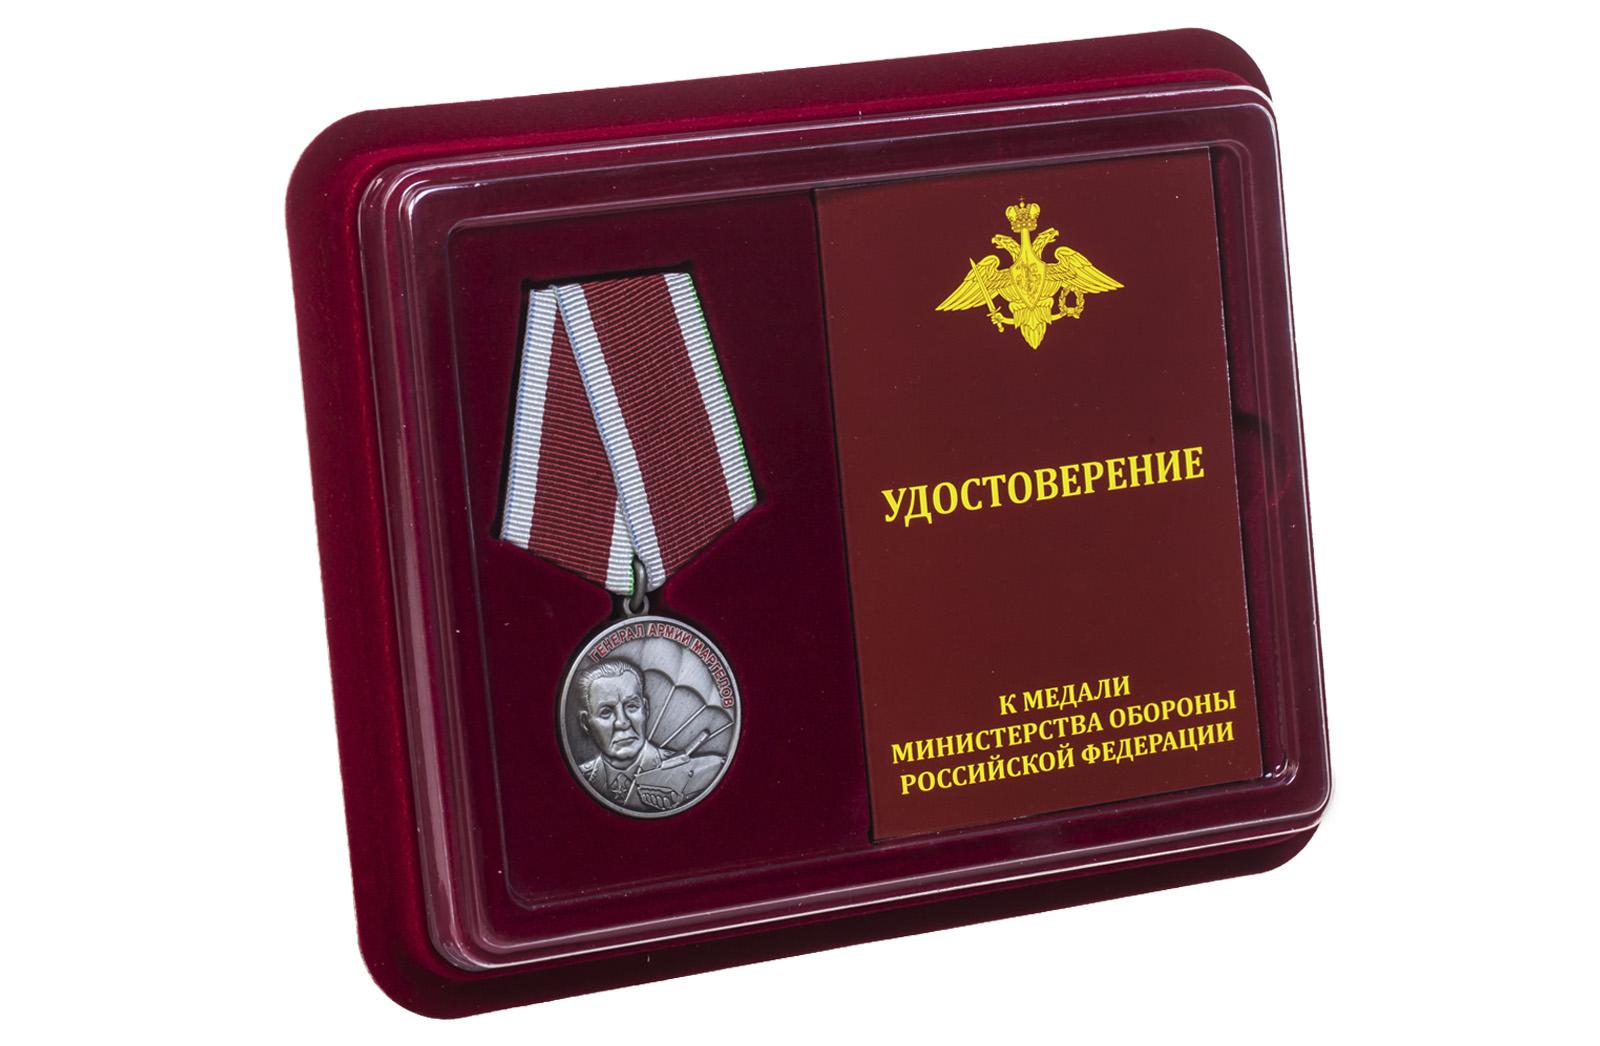 Медаль МО РФ Союз десантников России купить выгодно